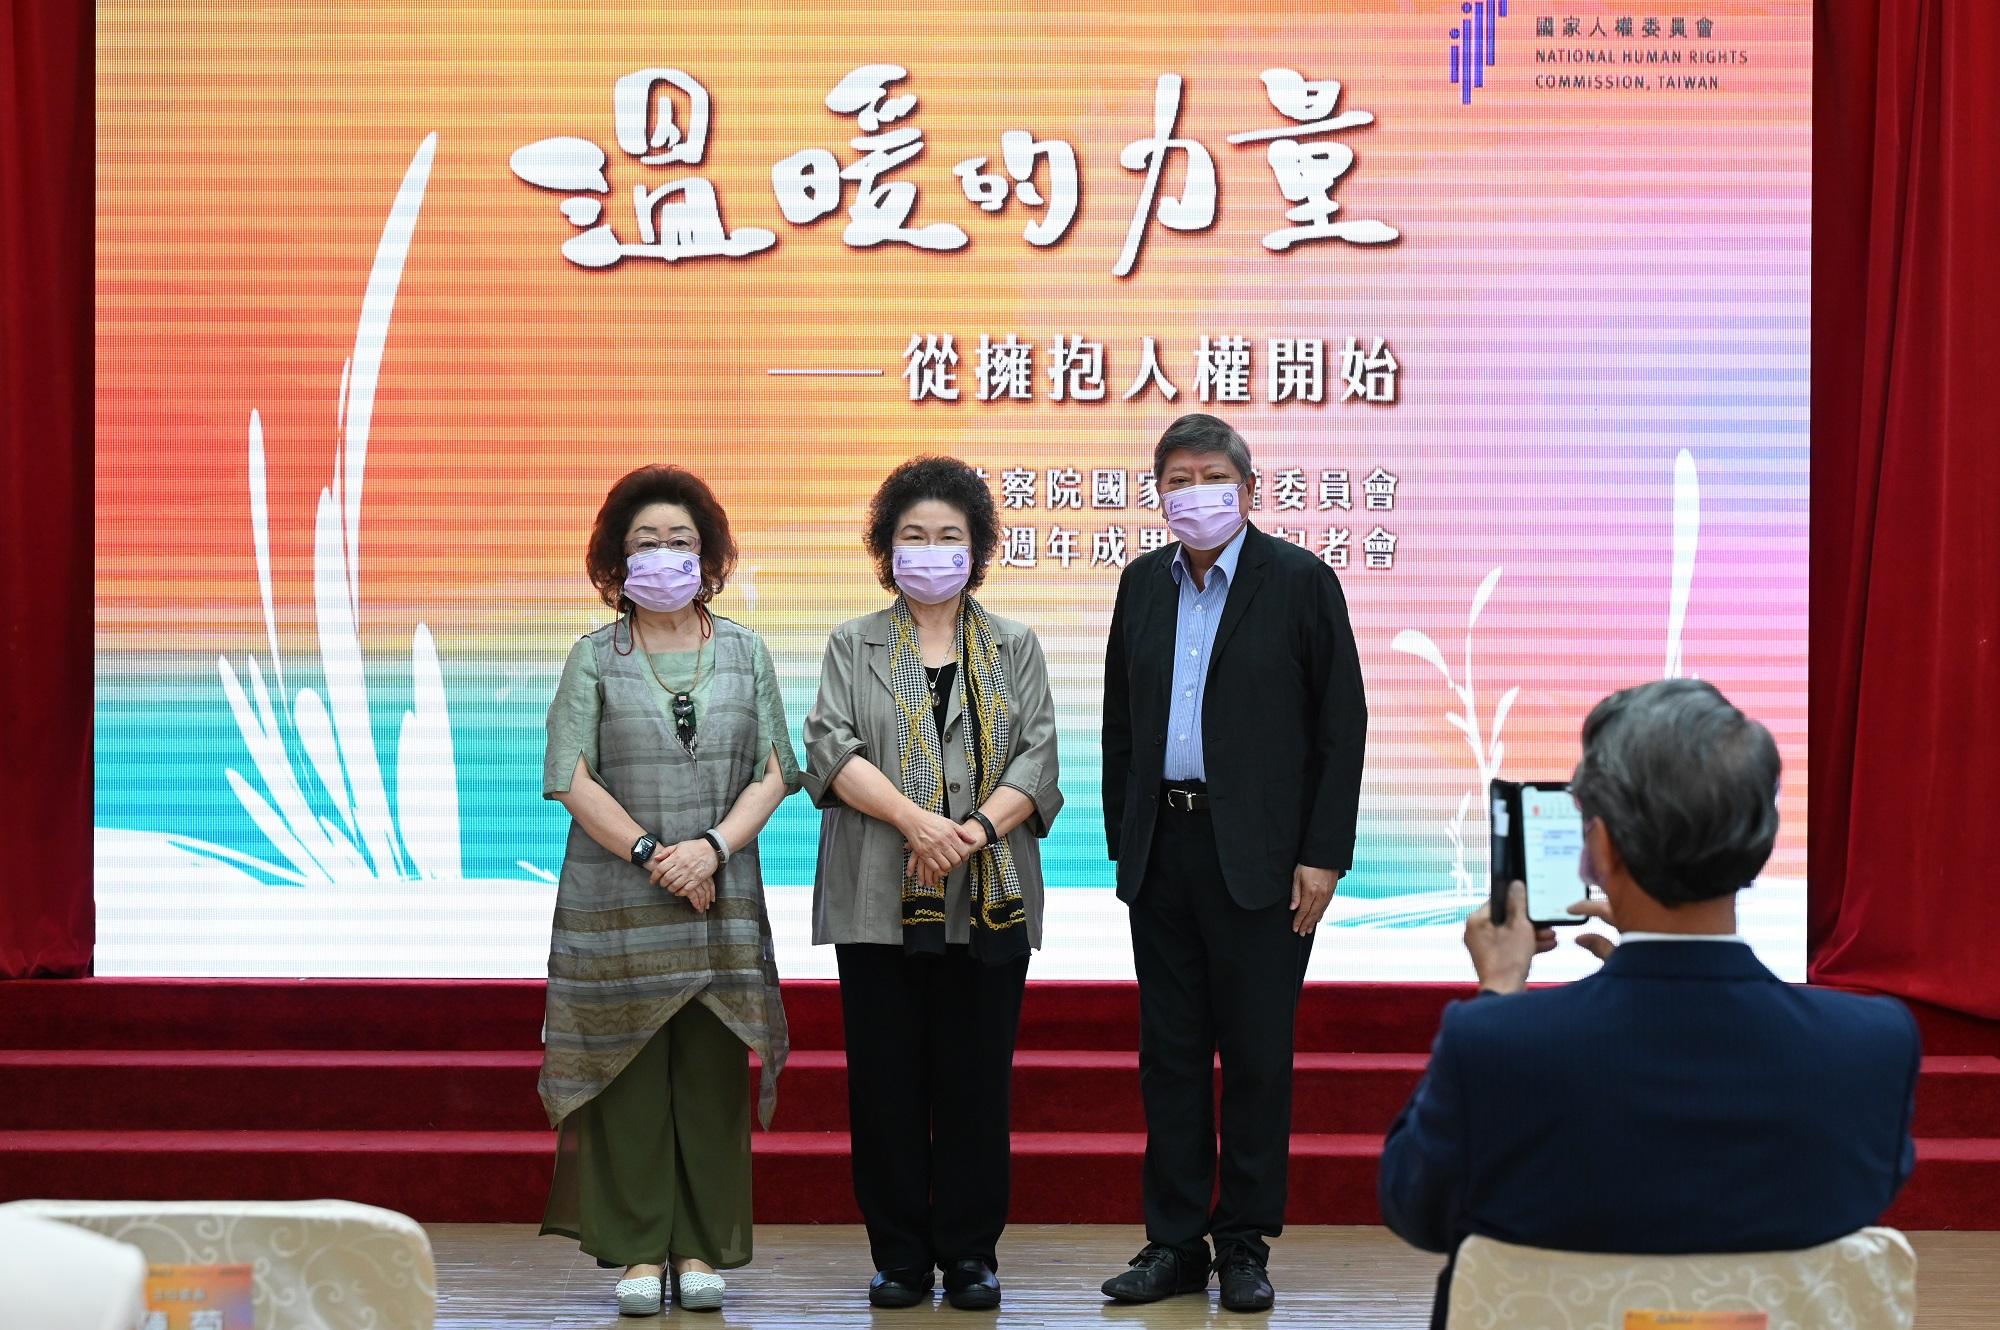 國家人權委員會週年!陳菊期許使人權成為溫暖的力量